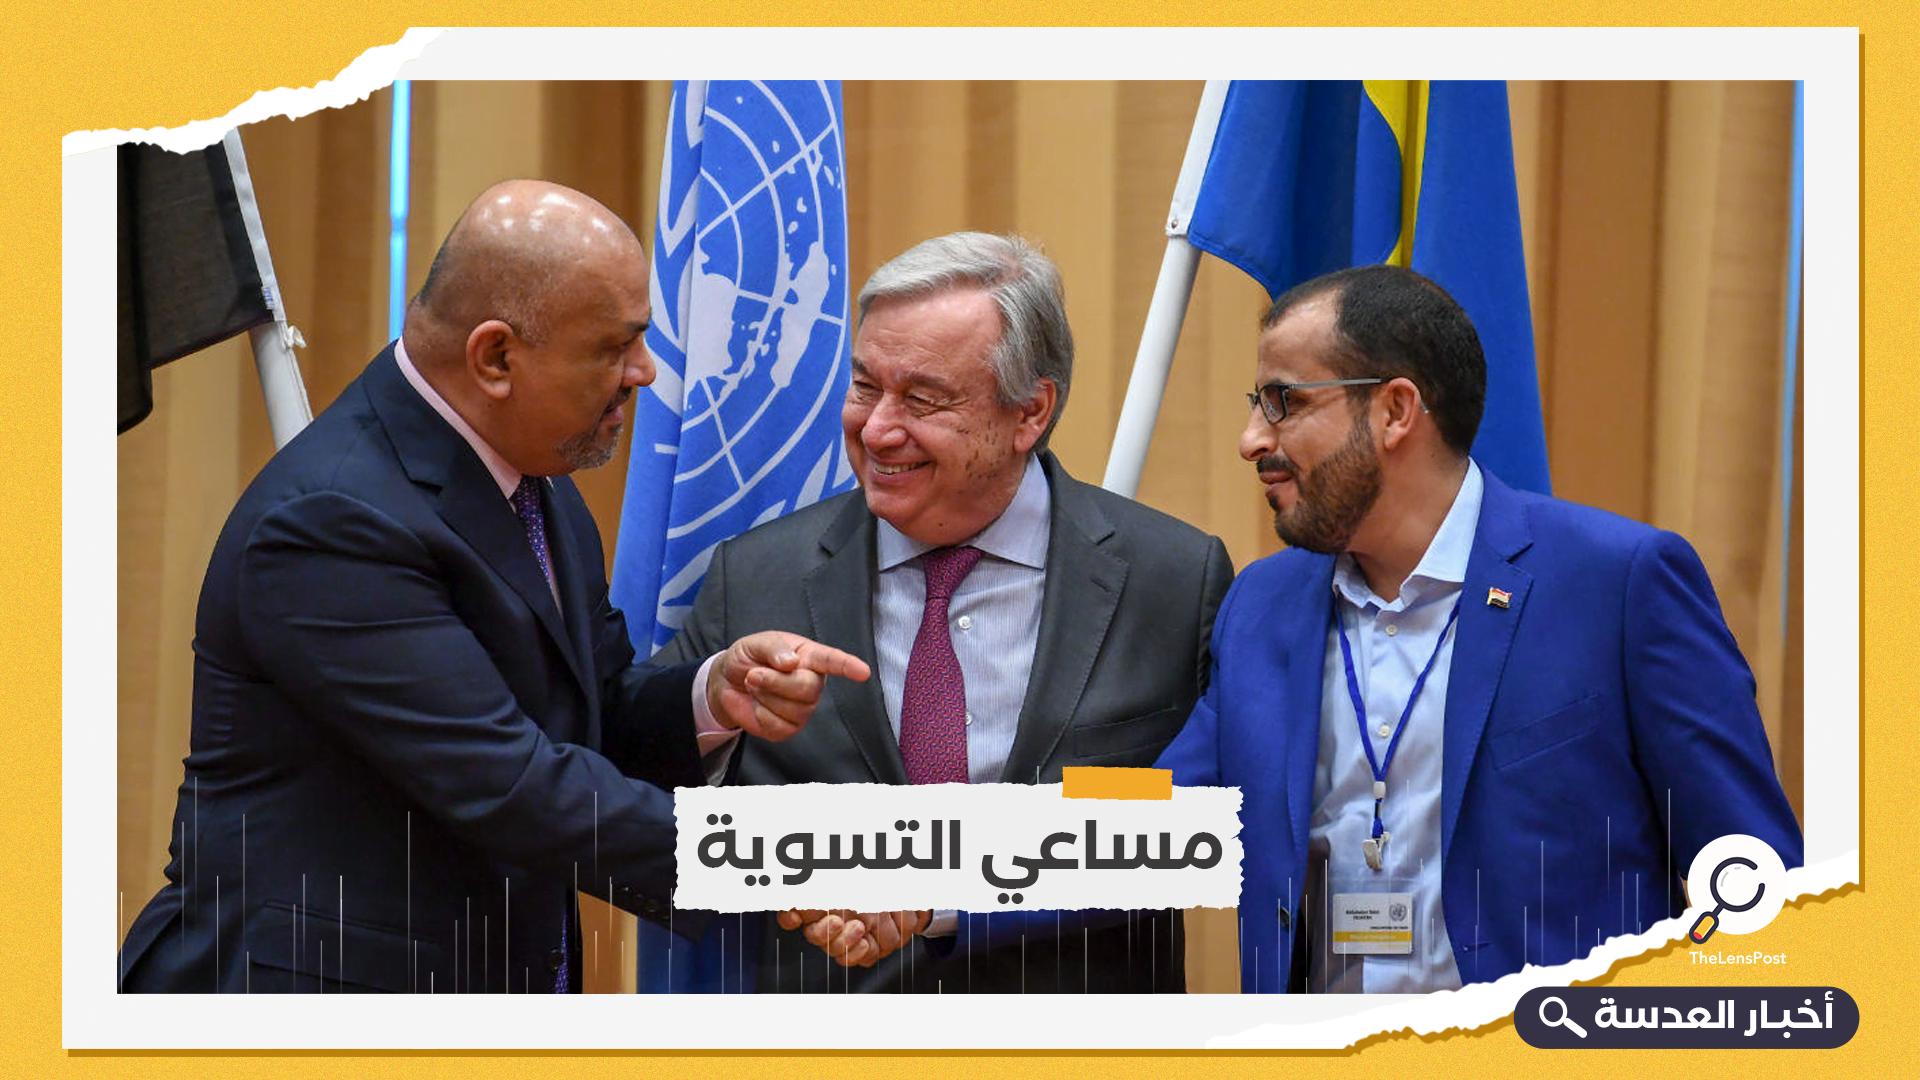 المبعوث الأممي في طهران للبحث عن حل للأزمة اليمنية